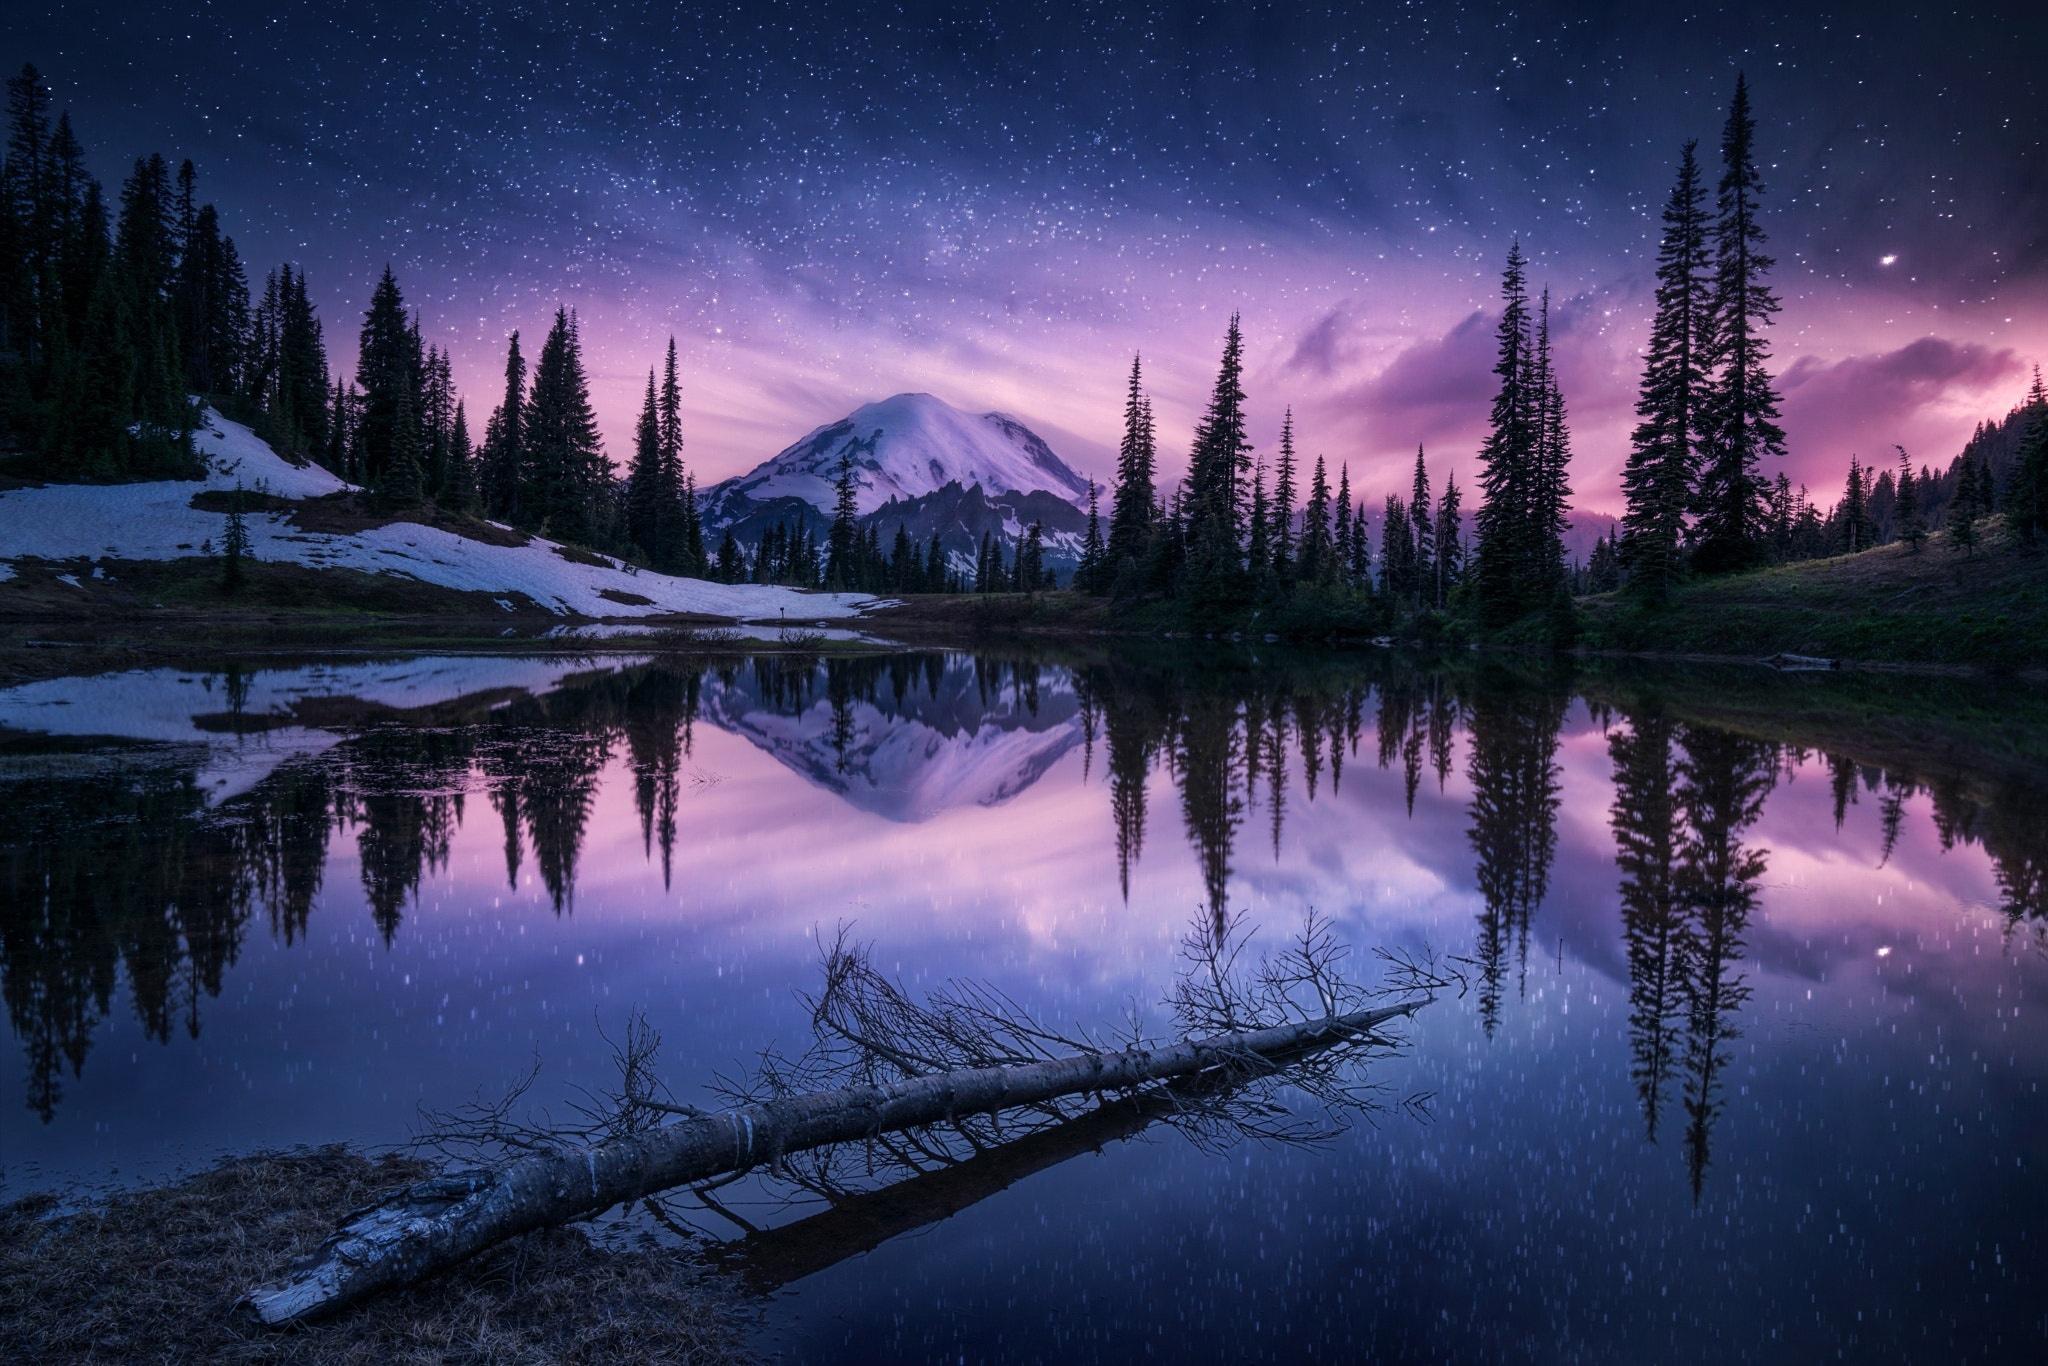 2560x1440 lake nature night reflection 1440p resolution hd - Night mountain wallpaper 4k ...